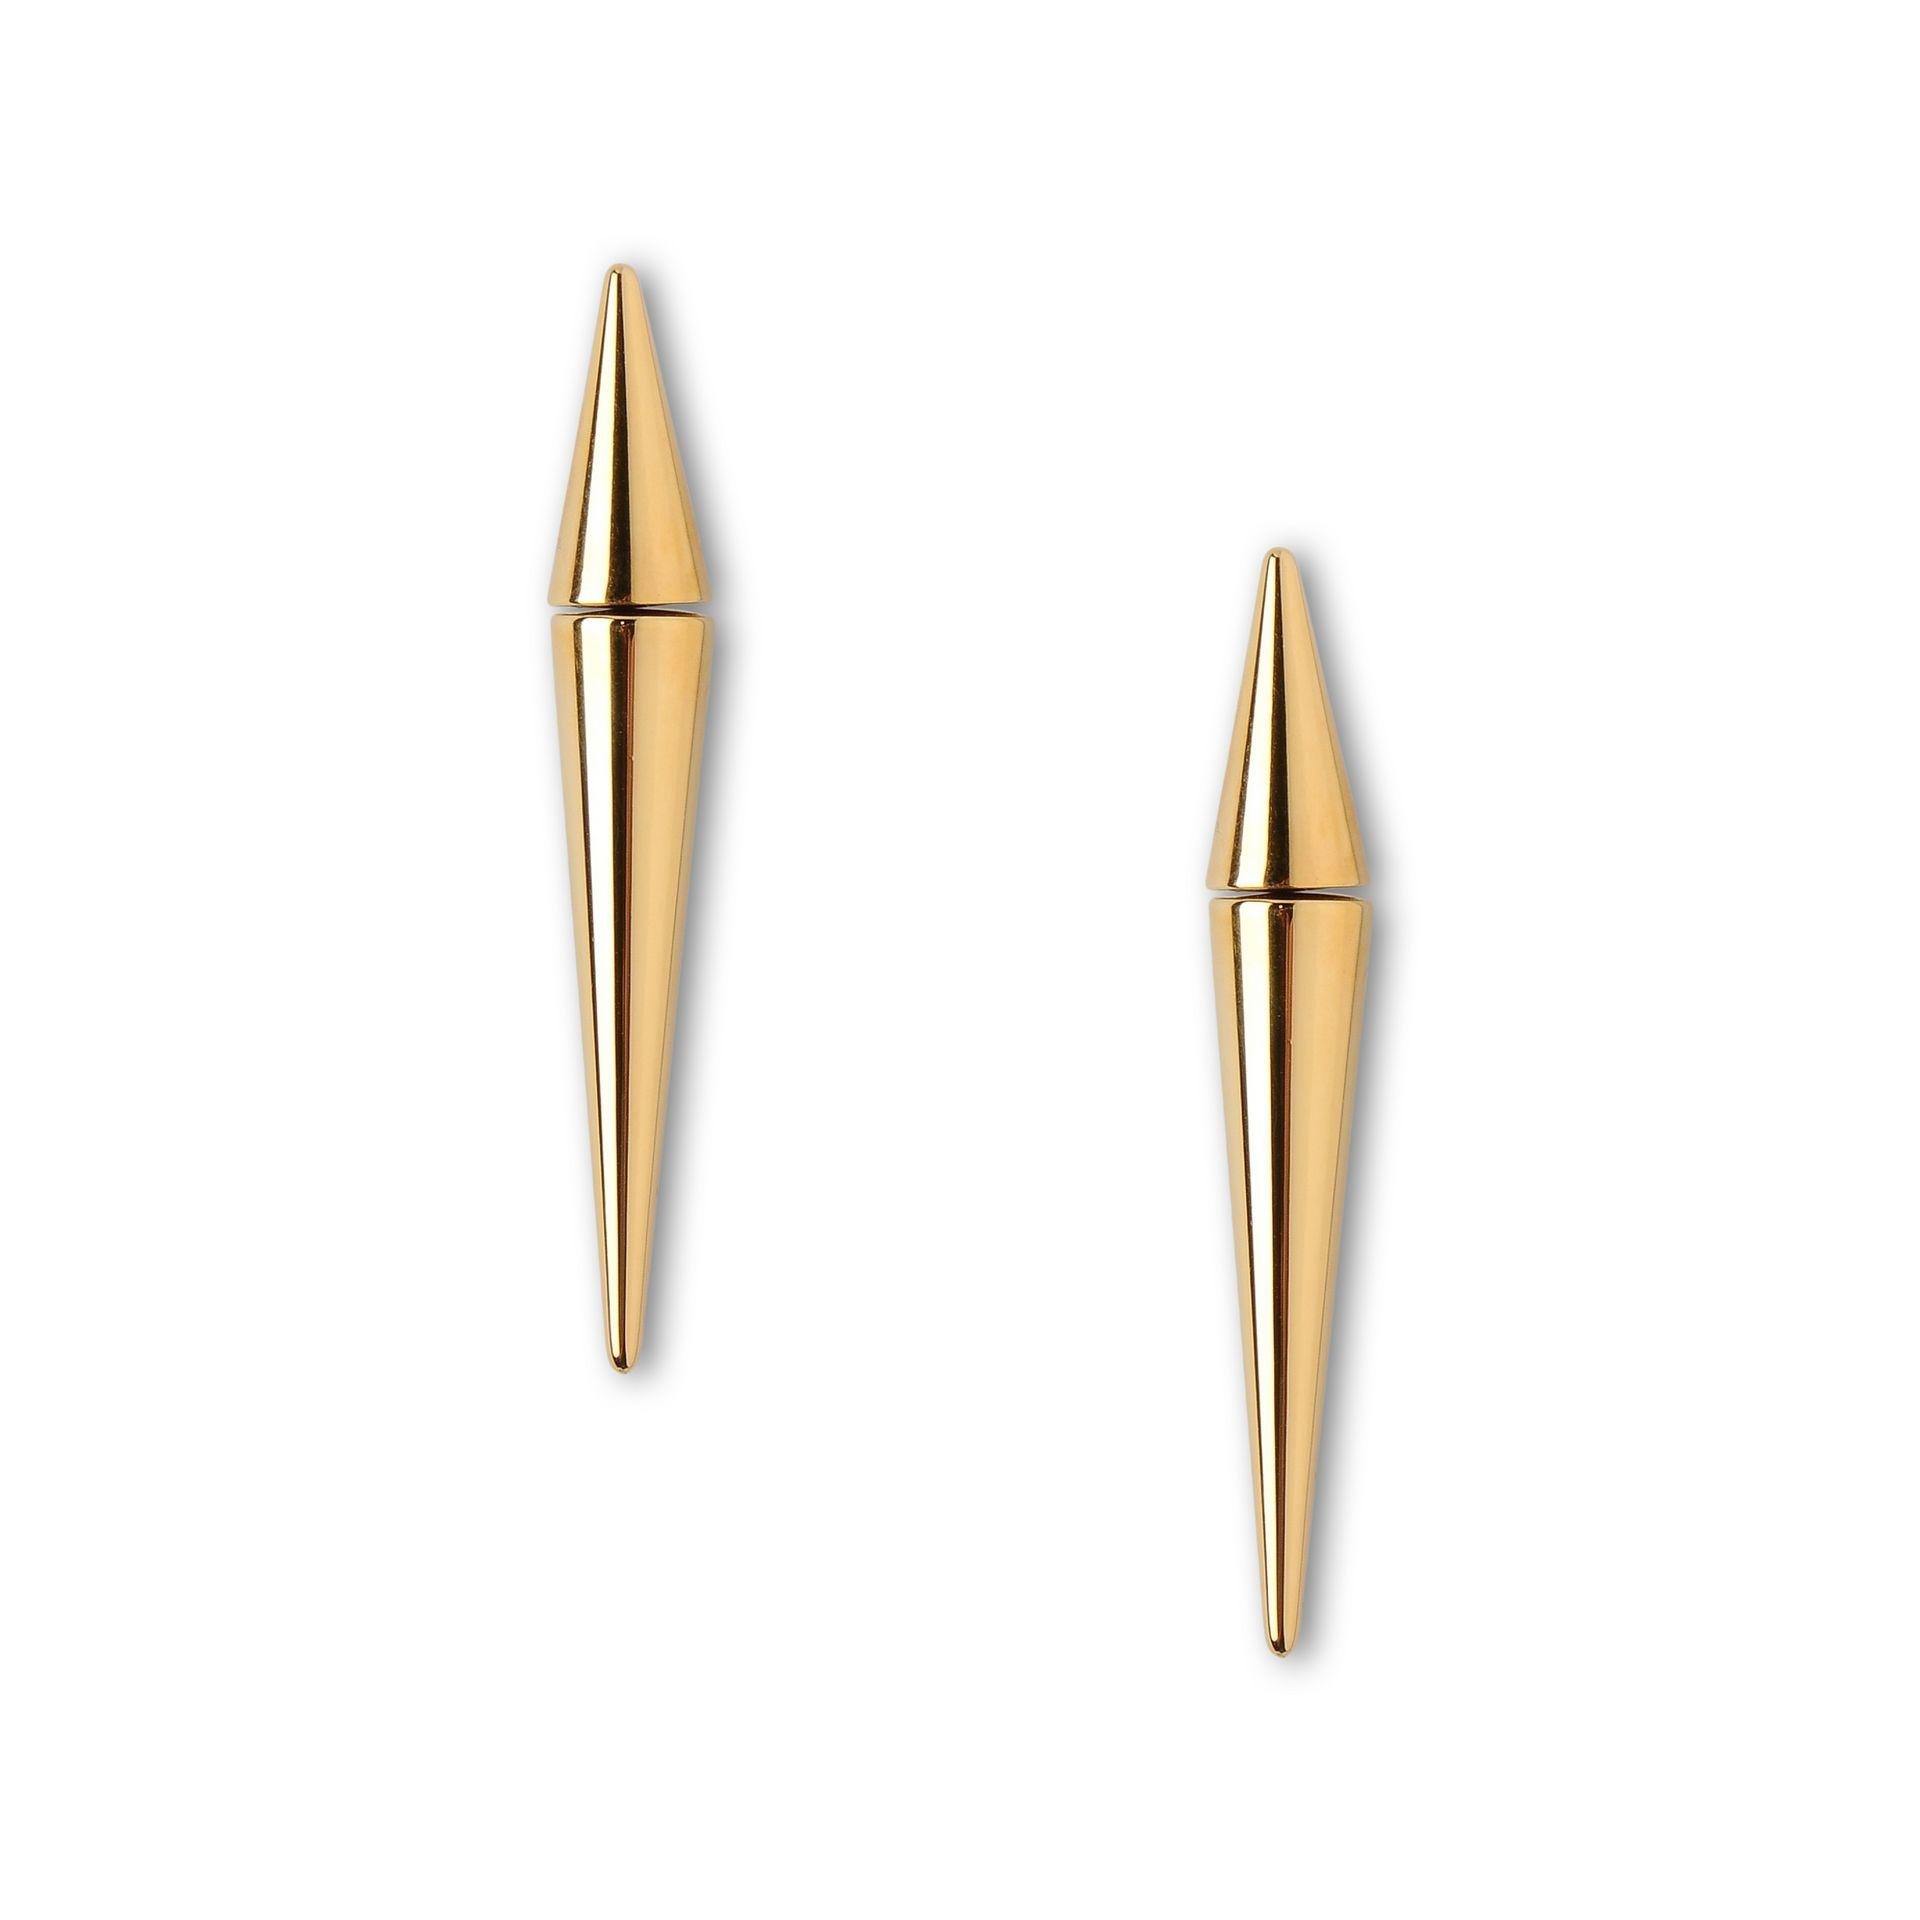 Stella mccartney Spike Earring in Metallic